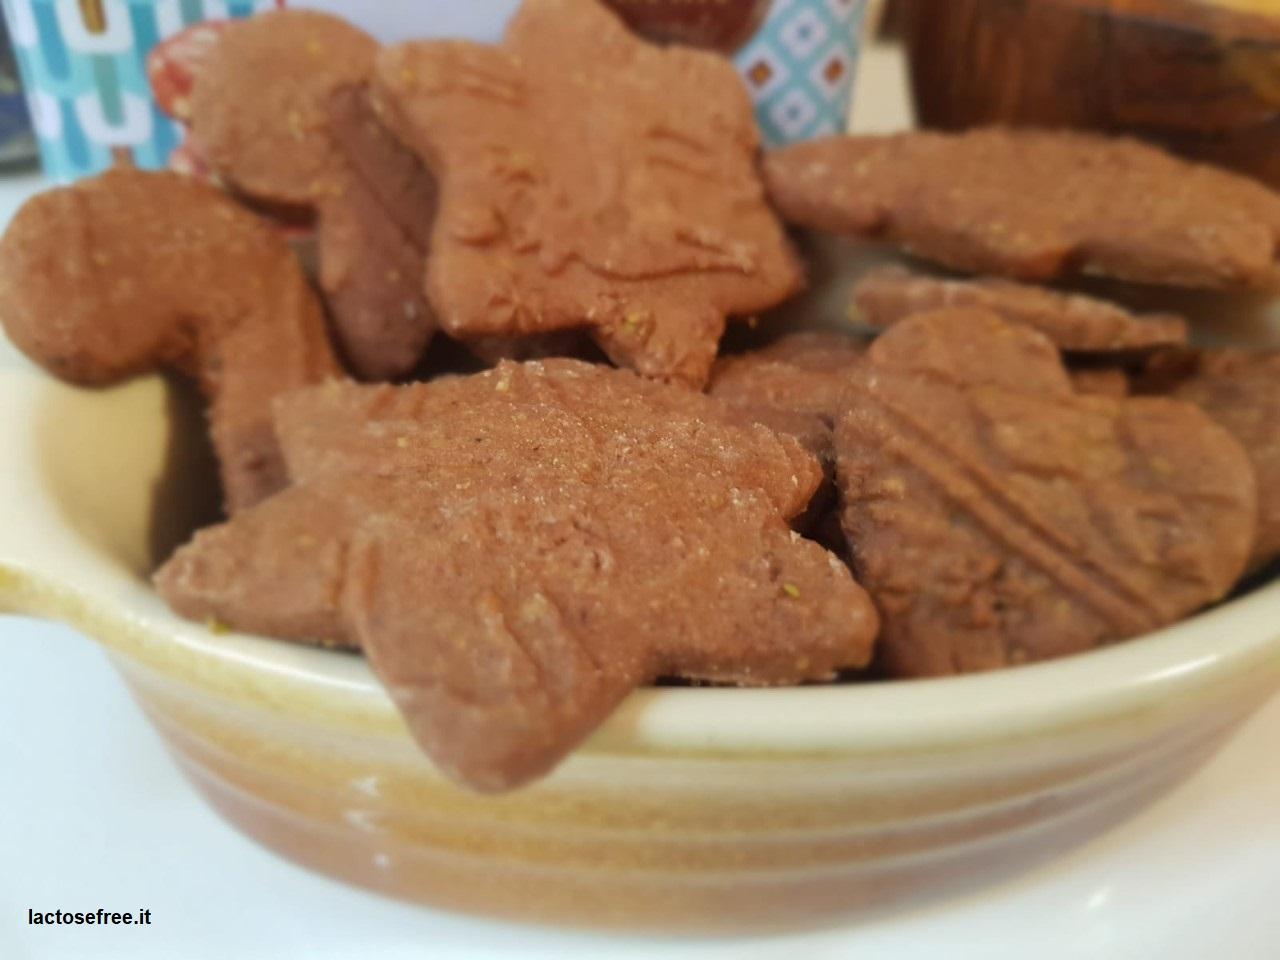 frollini al cioccolato e pistacchio